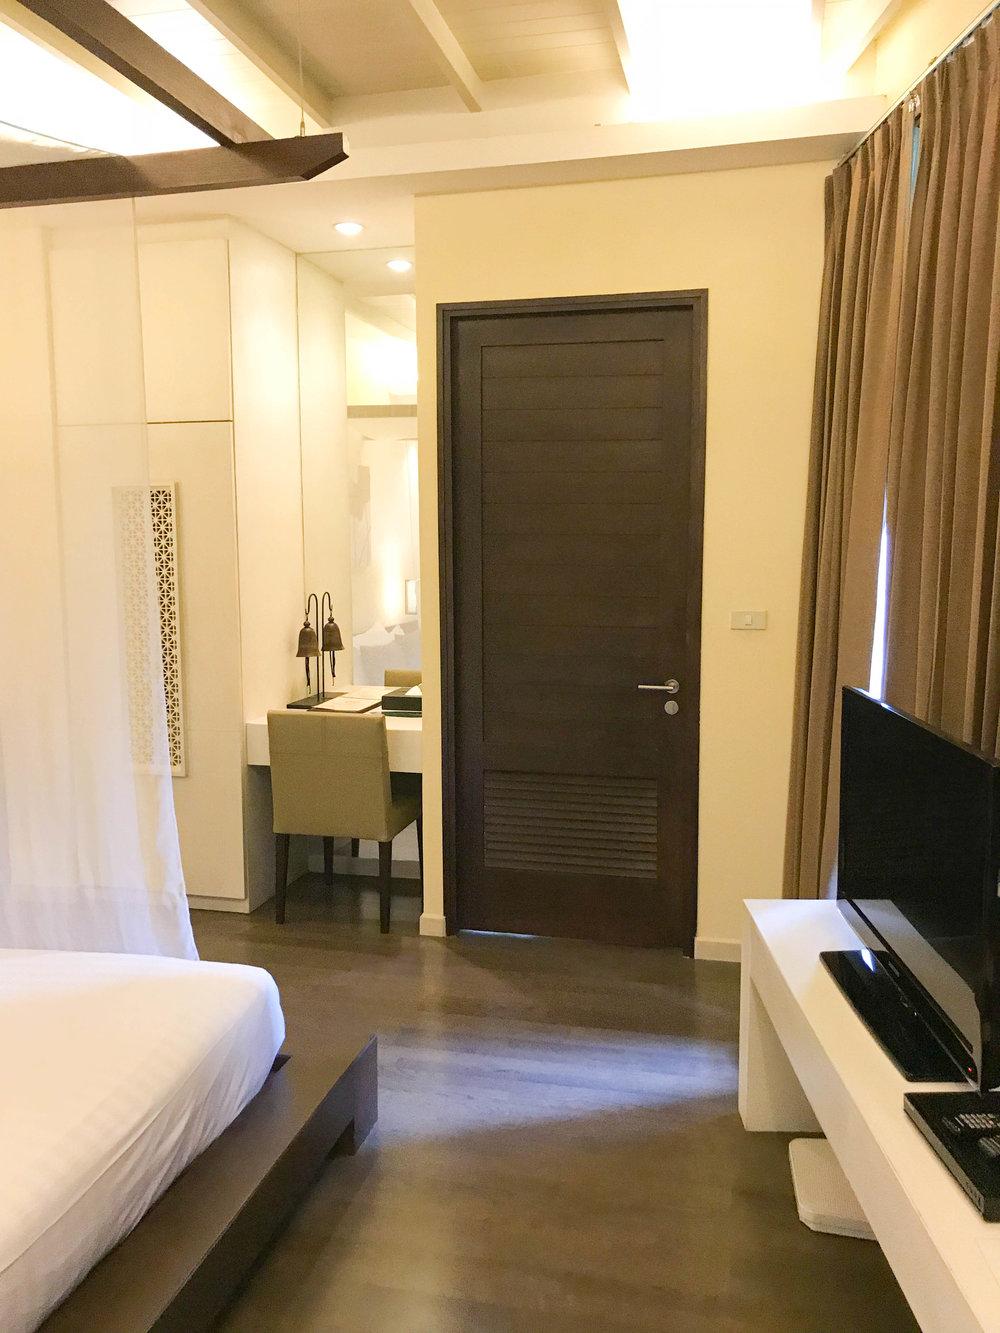 Hotel De Chai Colonial - Chiang Mai, Thailand - Superior Room